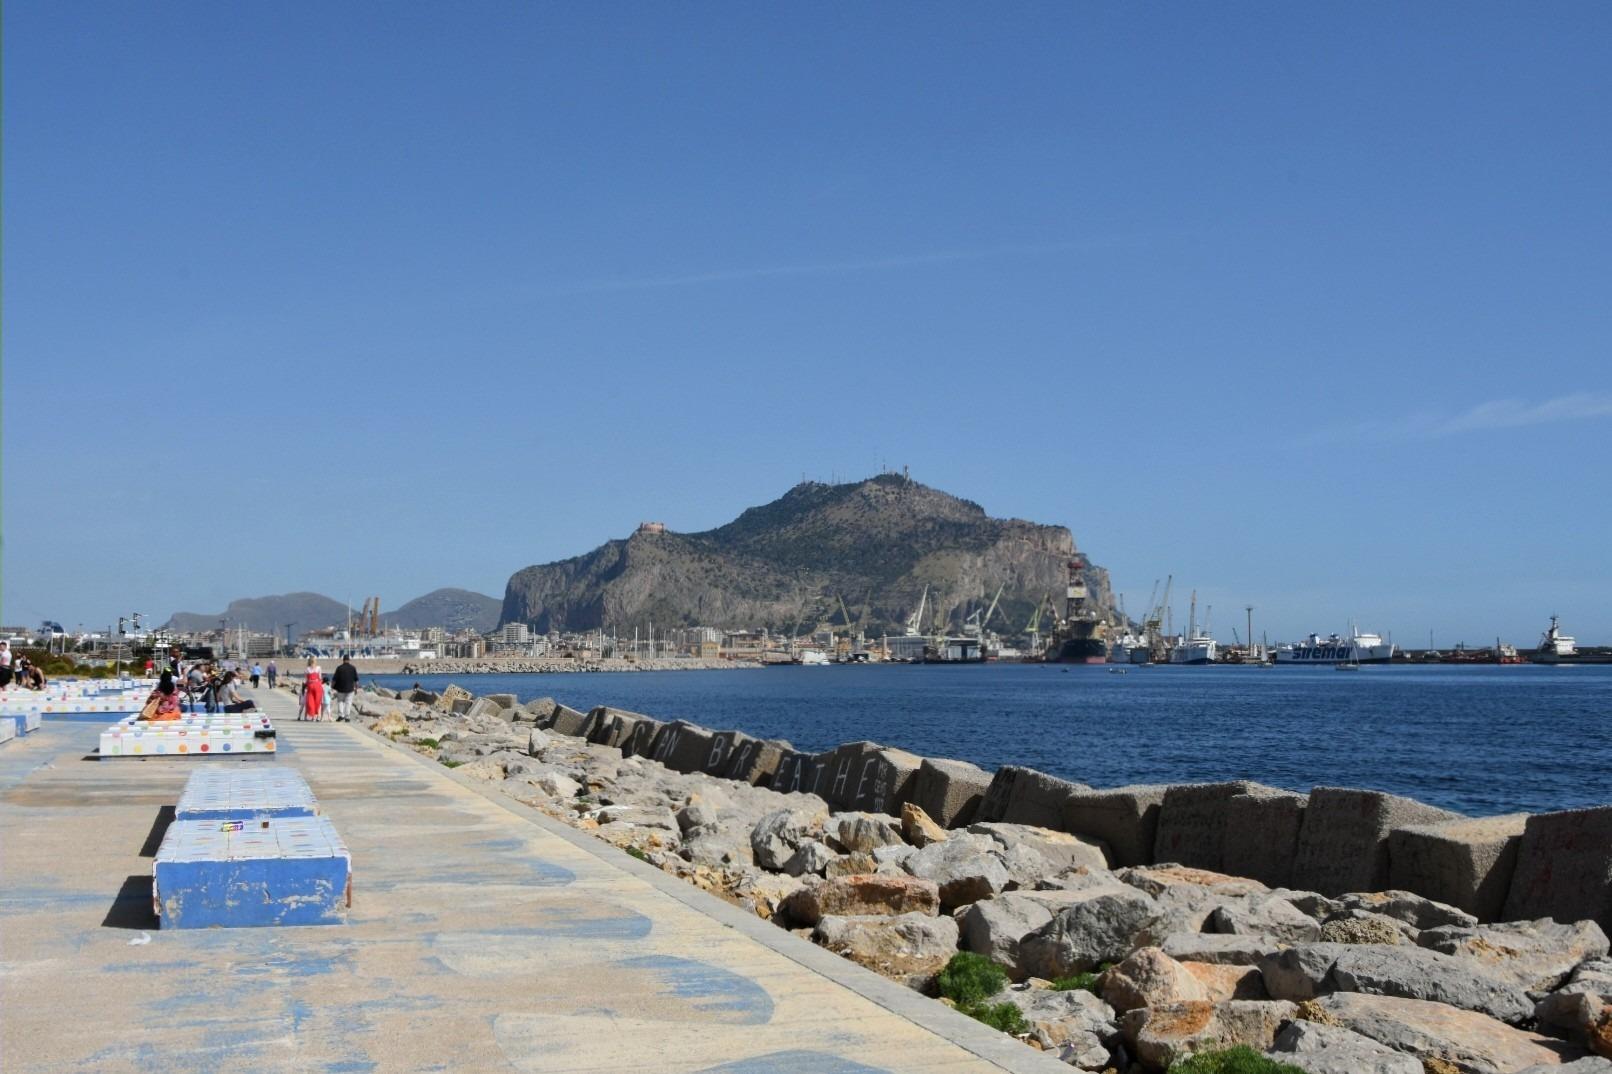 FORO ITALICO di Palermo: il lungomare che non c'era